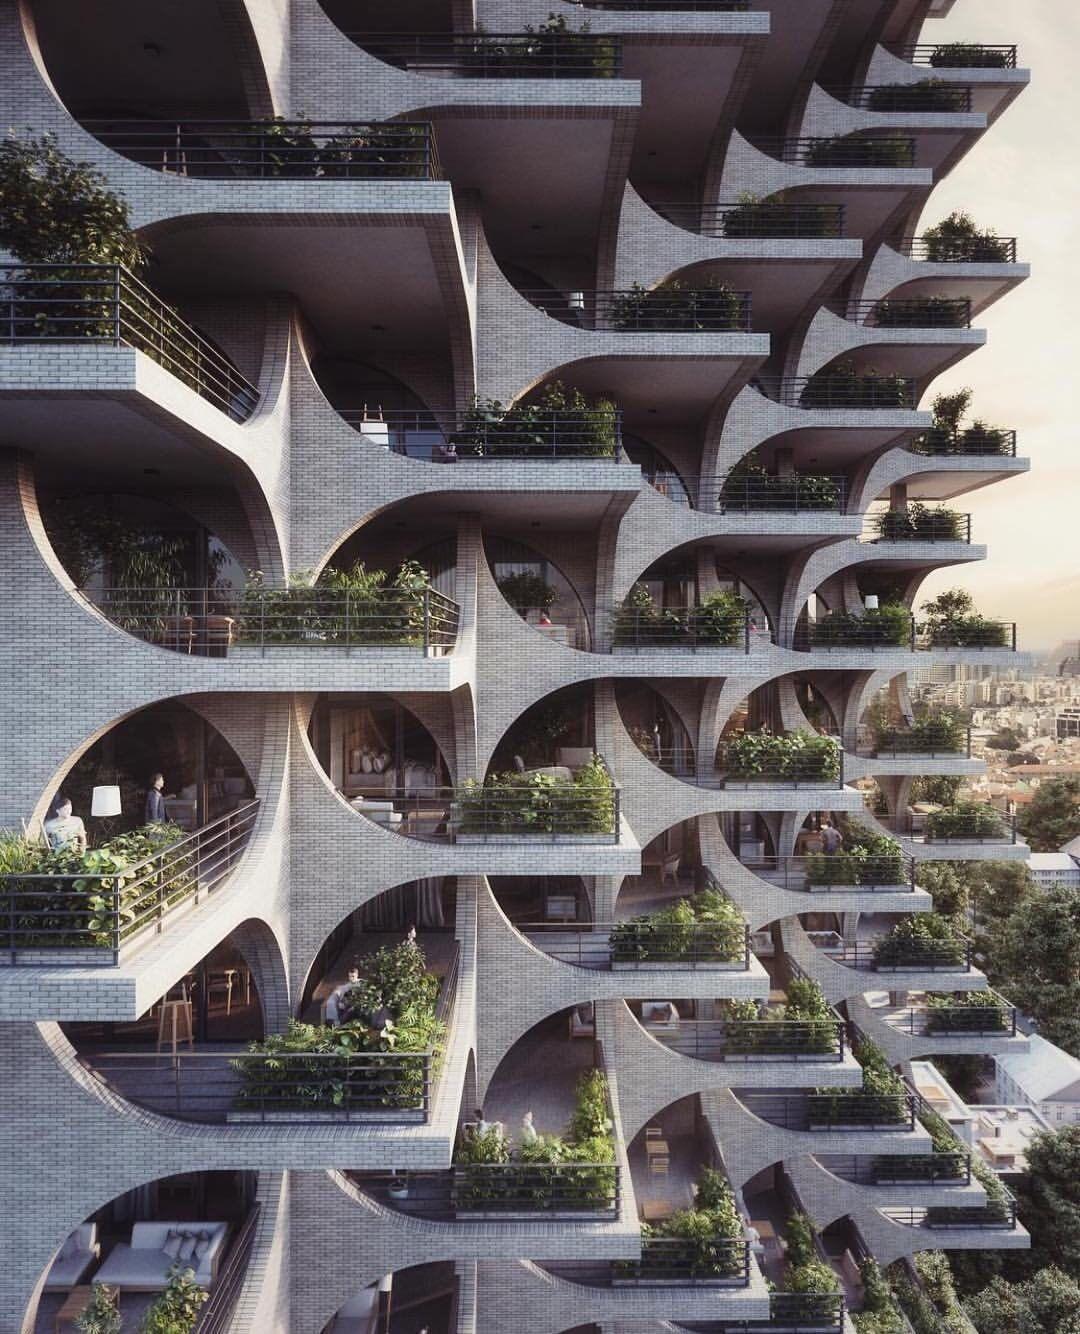 Pin von rounak auf architecture | Pinterest | Mein haus, Architektur ...